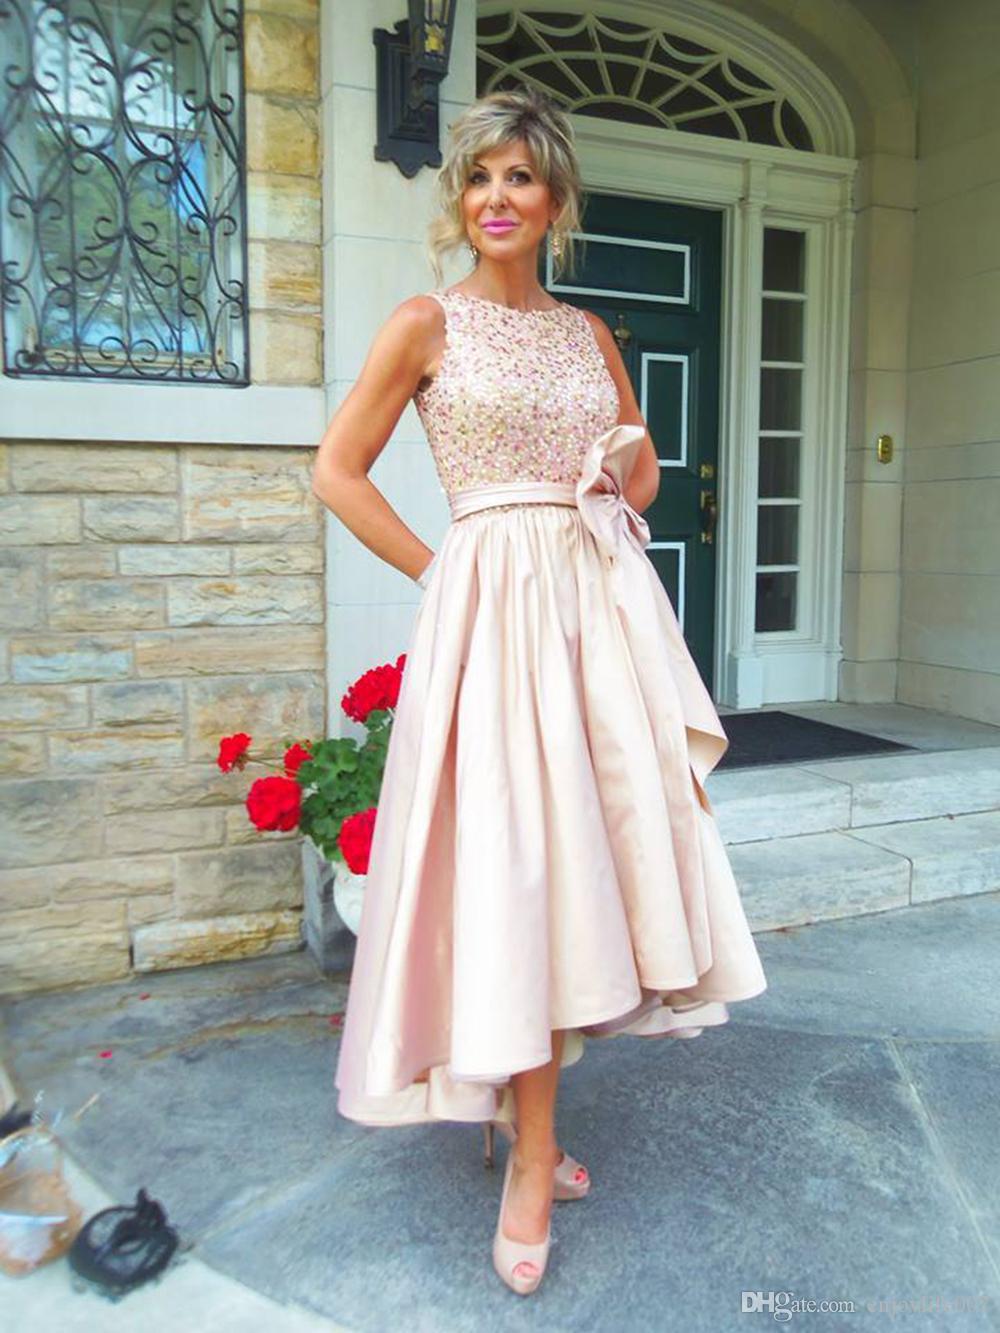 Фото платьев на свадьбу маме